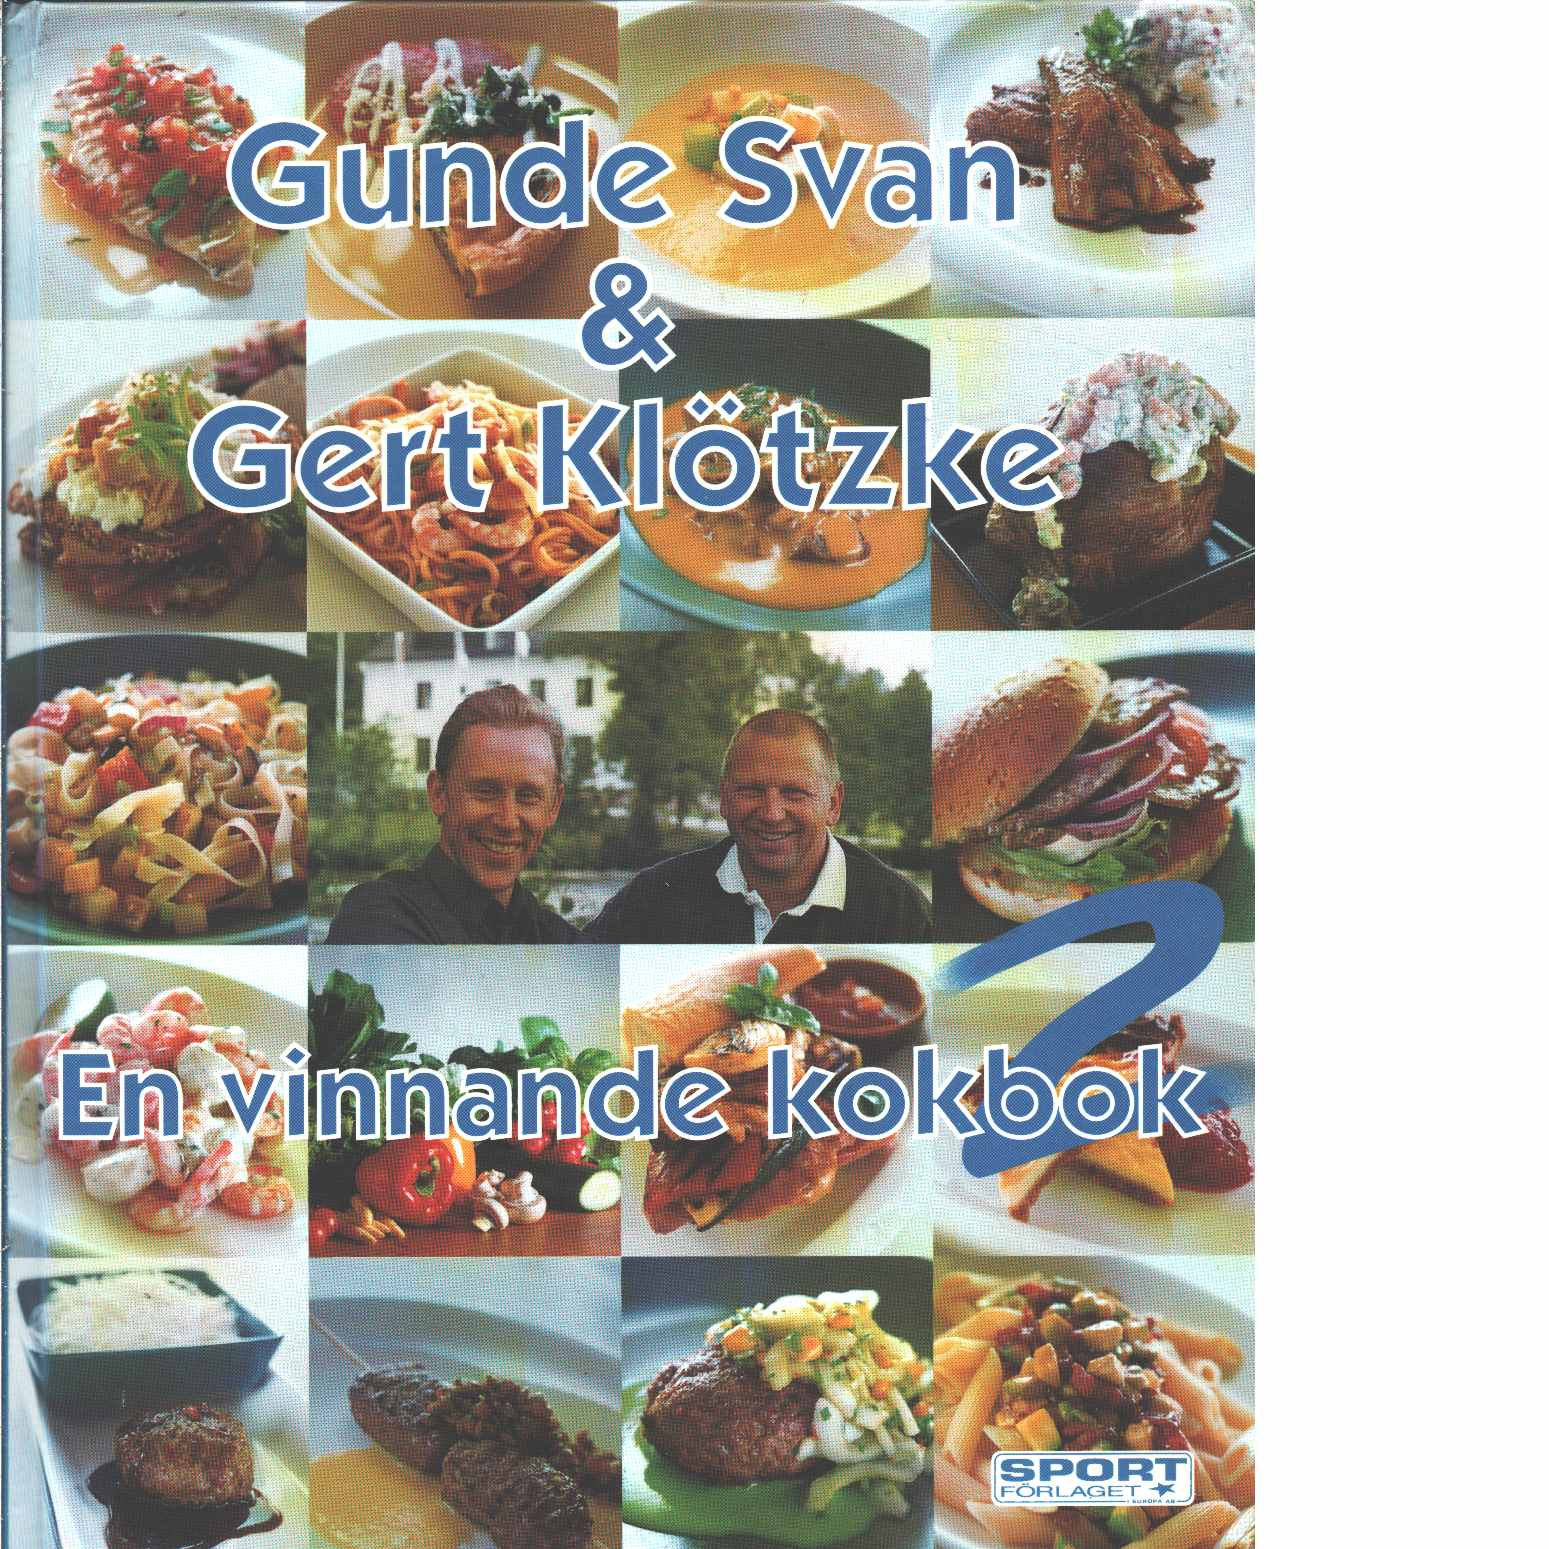 En vinnande kokbok  - Svan Gunde och  Klötzke Gert